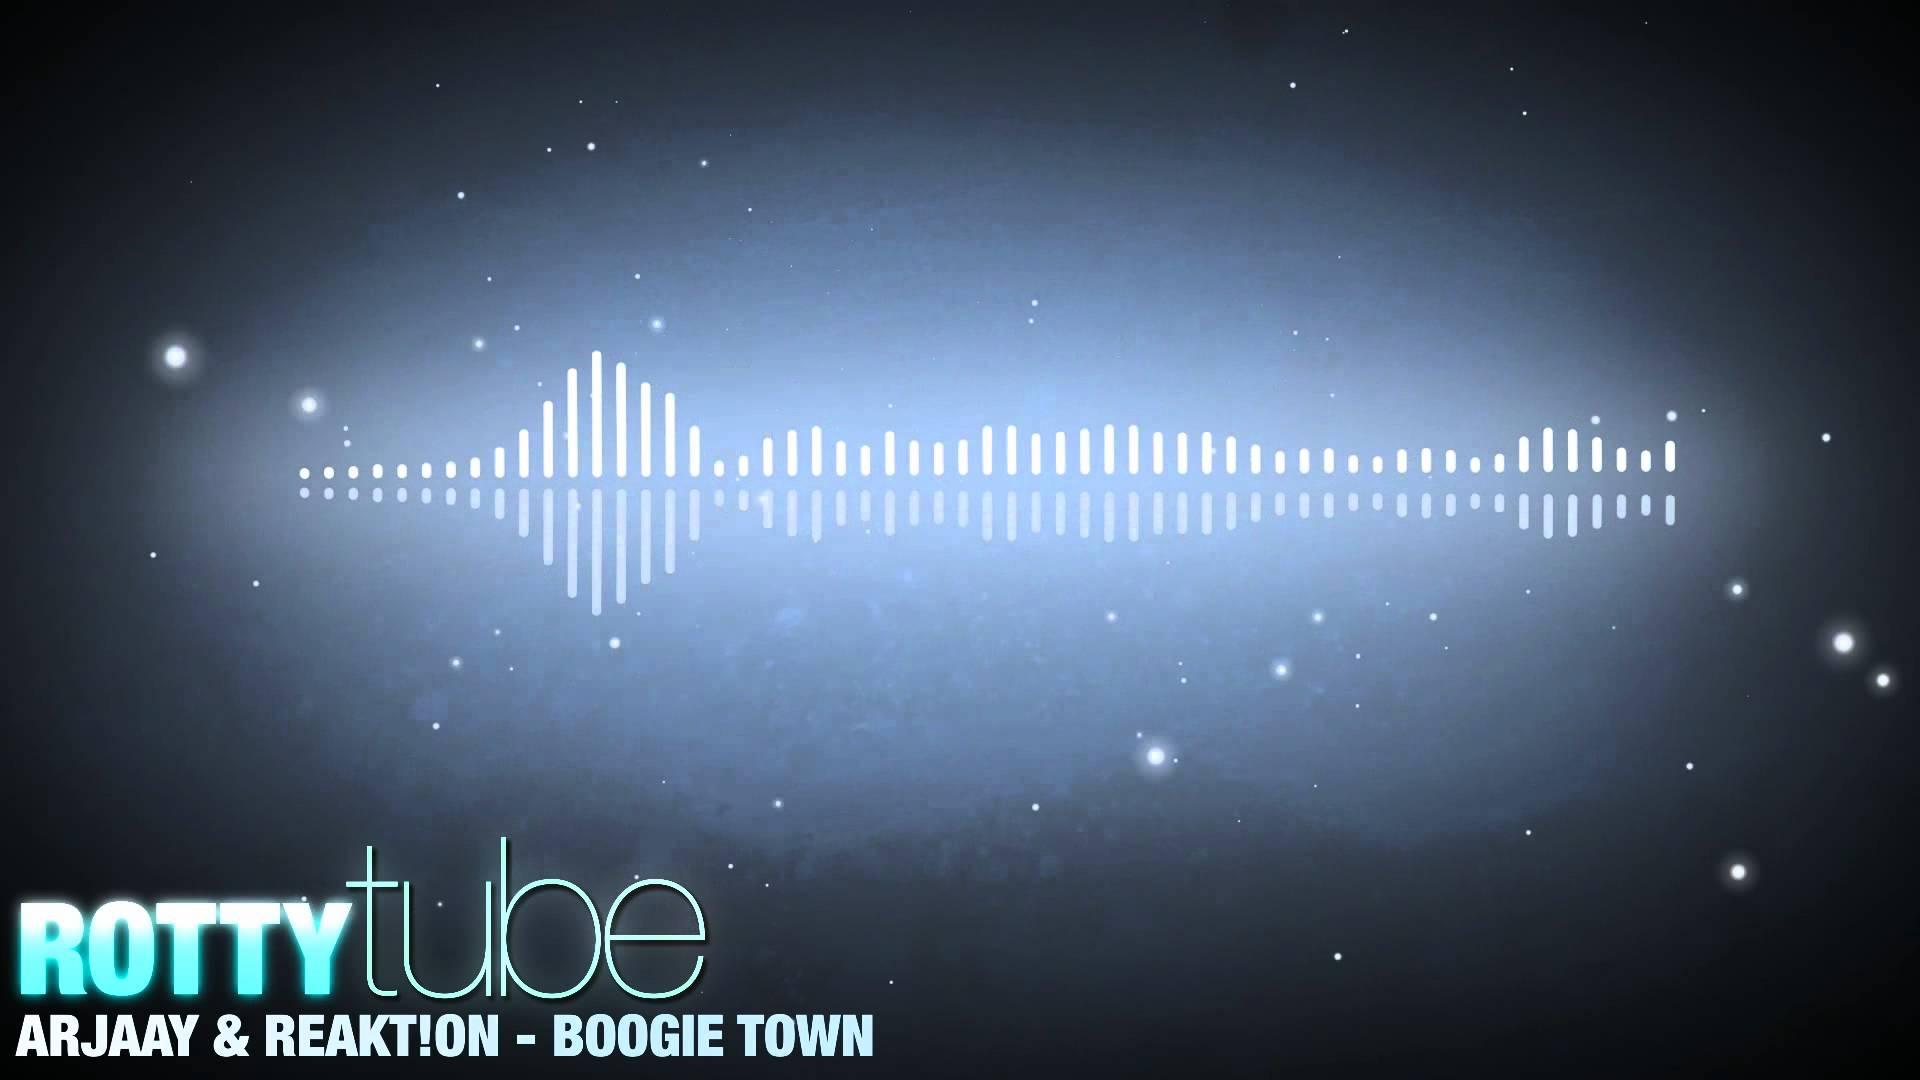 Arjaay & Reakt!on - Boogie Town [1080p]